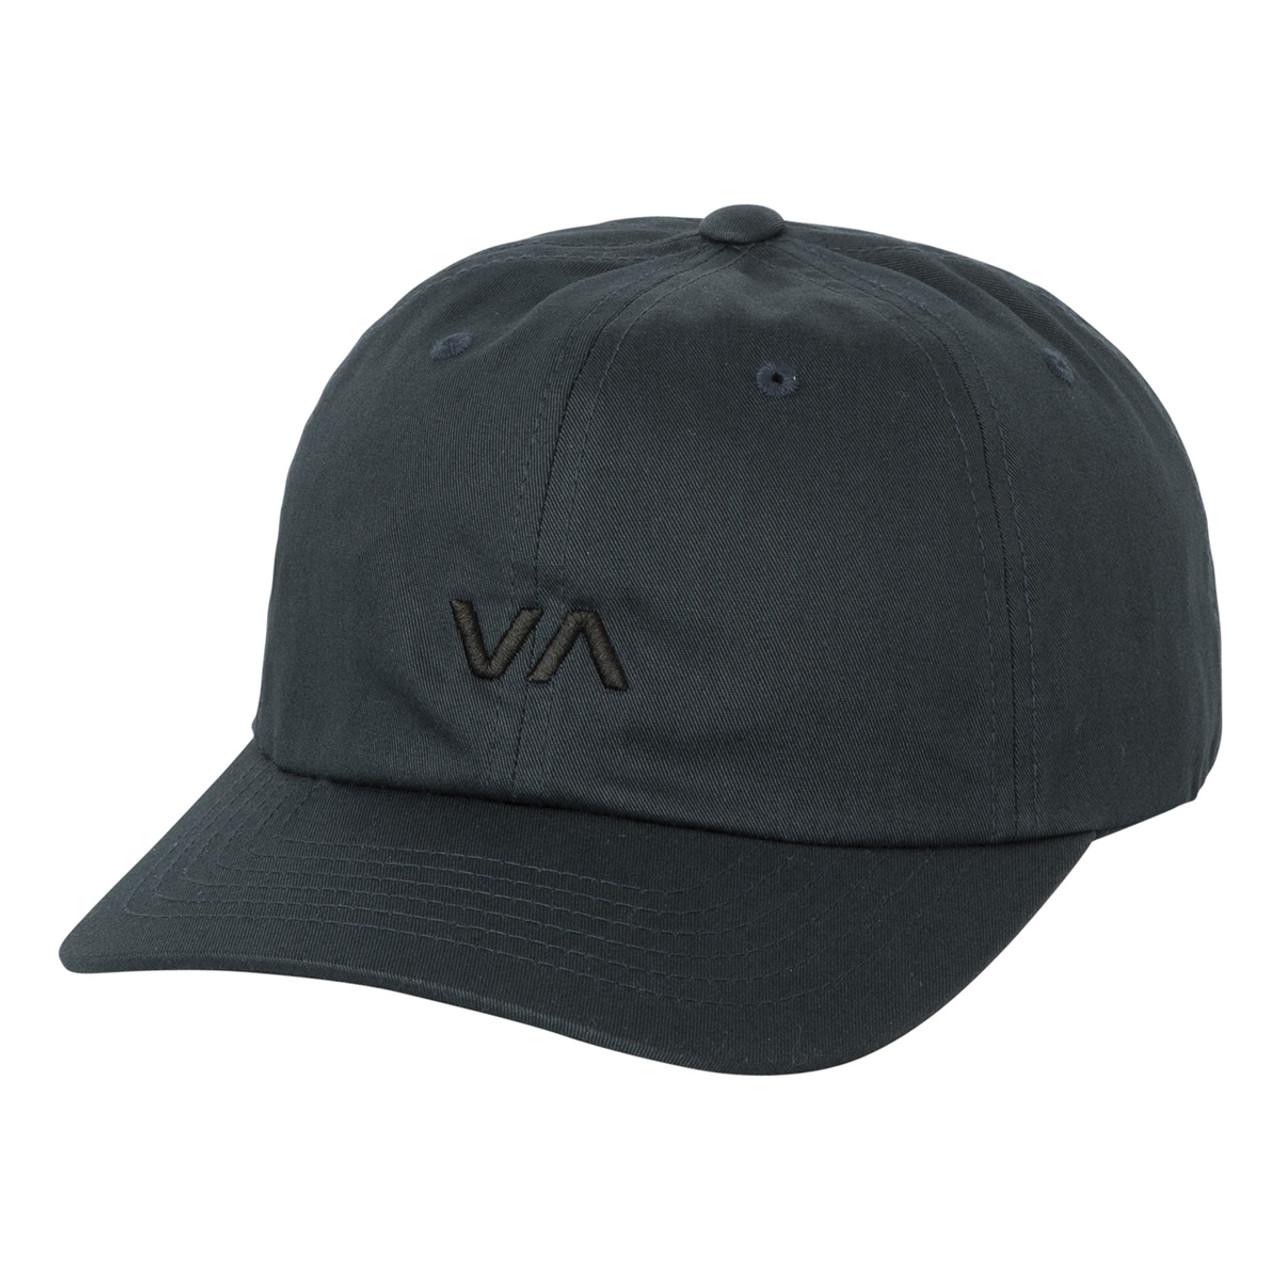 785b92de160 Redmond Hat - Navy - O S - Val Surf